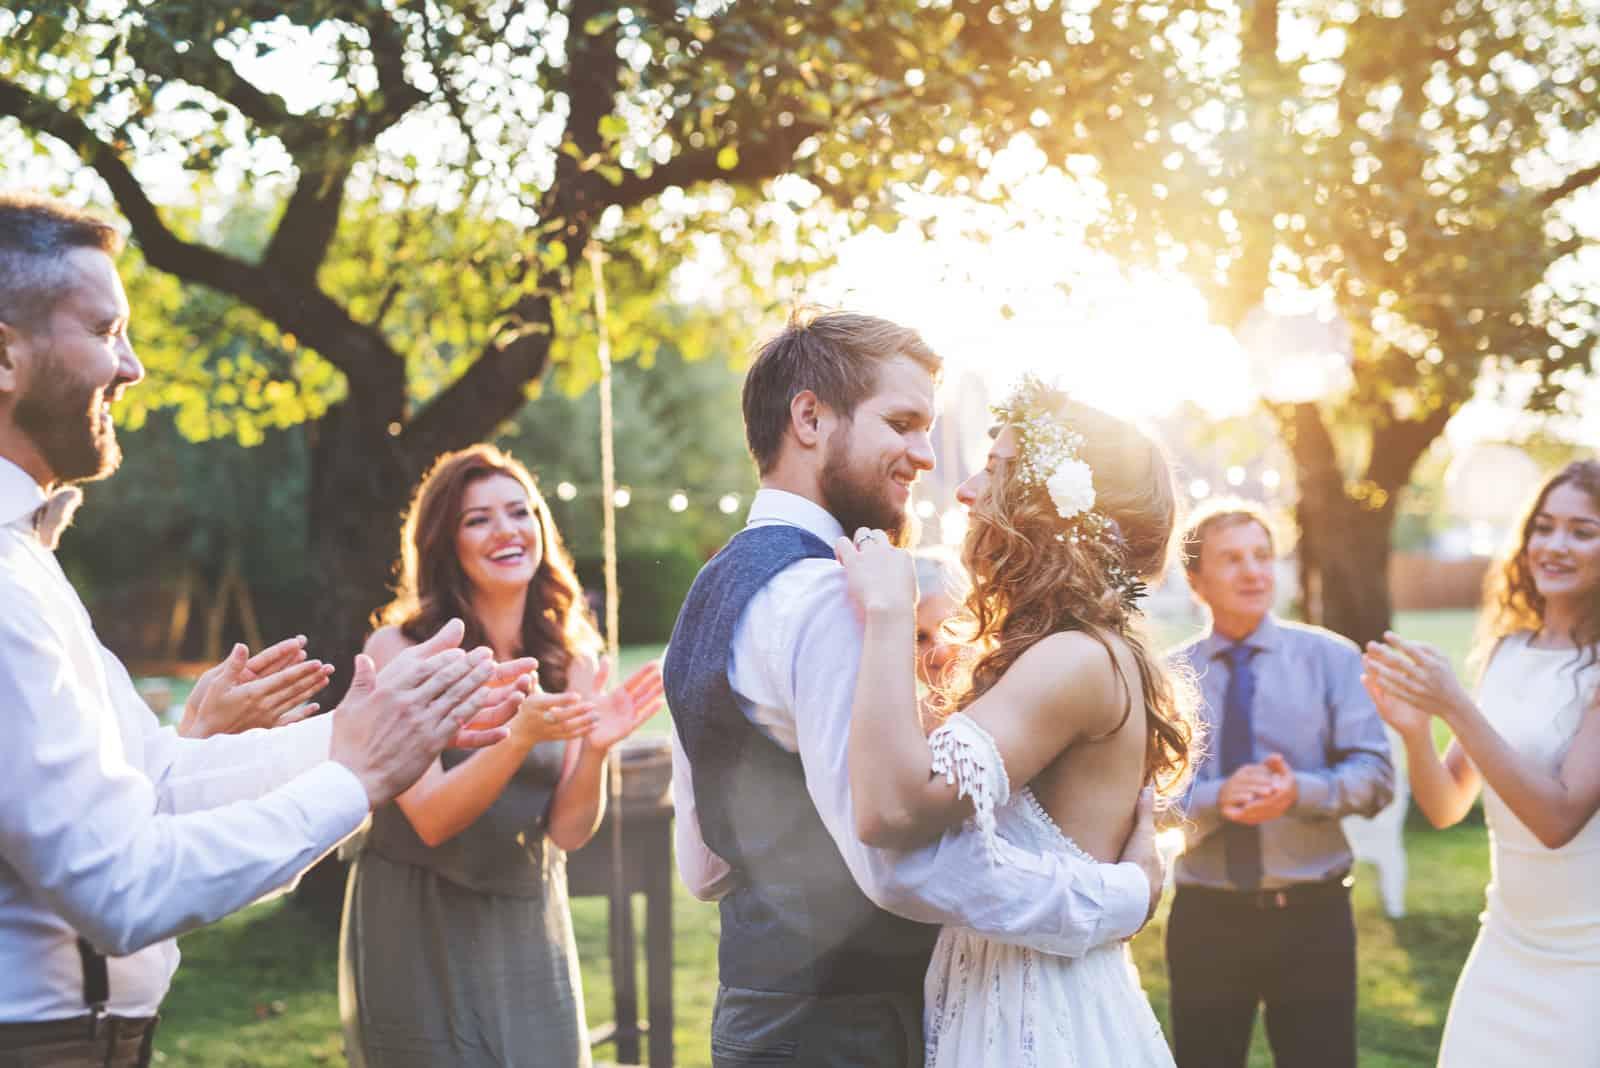 ein Mann und eine Frau tanzen auf einer Hochzeit